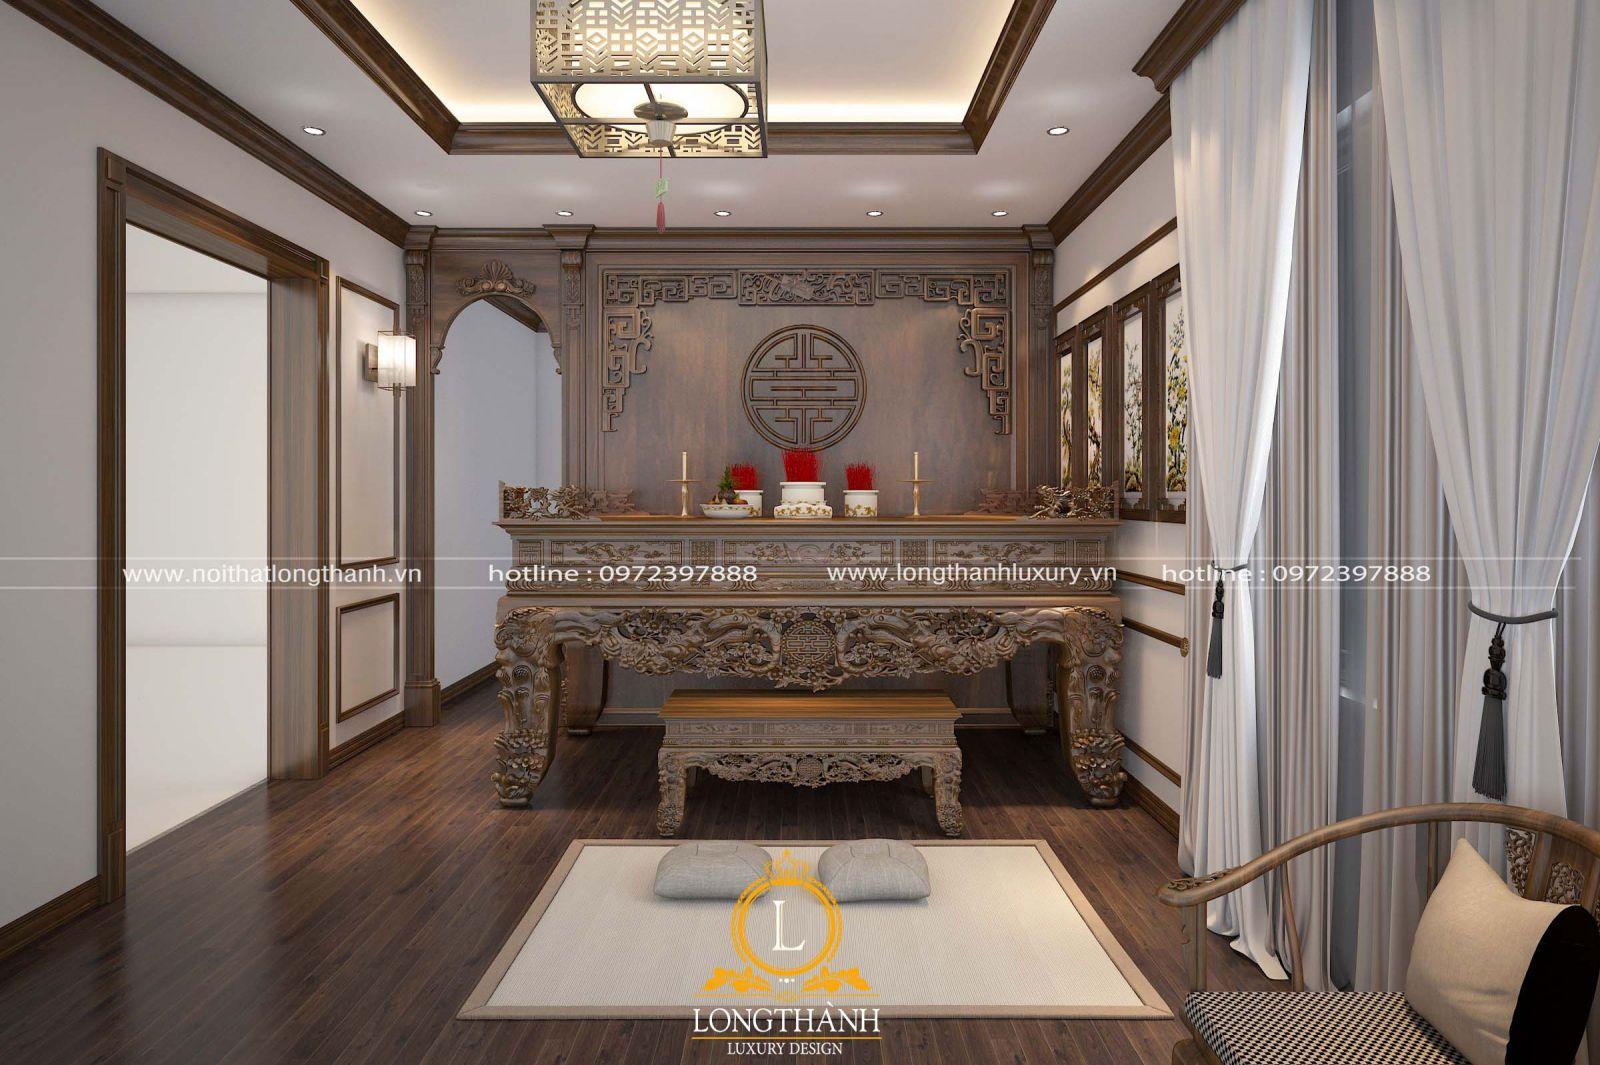 Mẫu bàn thờ đẹp cho nhà biệt thự đặt tầng 1 làm từ gỗ Óc chó